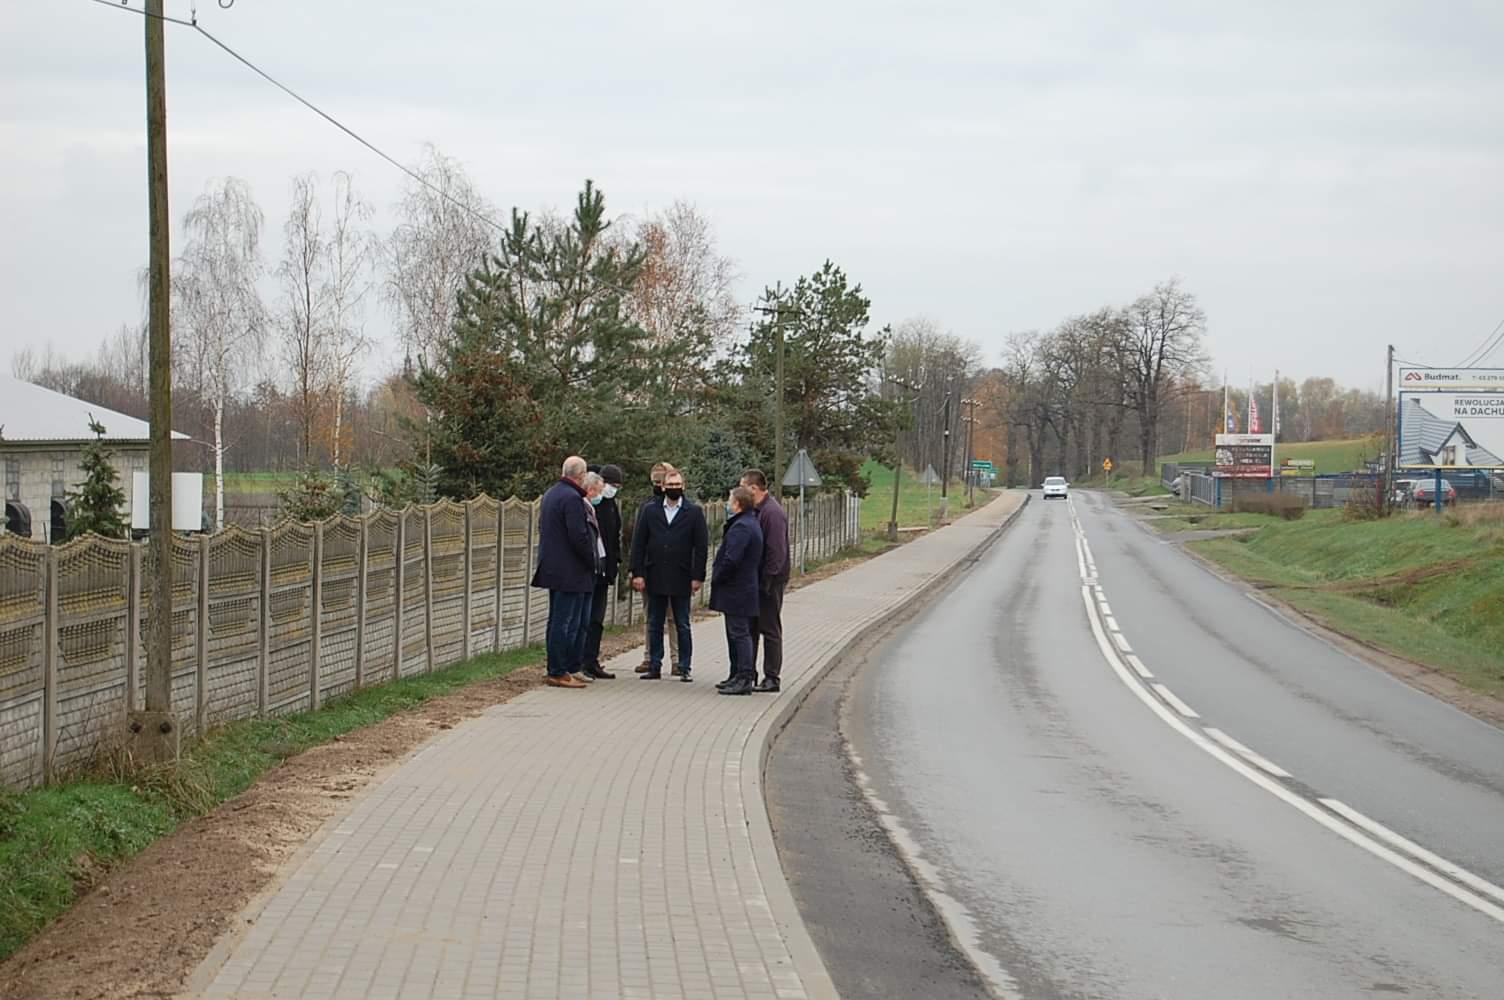 Nowy chodnik na drodze Władysławów - Turek poprawi bezpieczeństwo